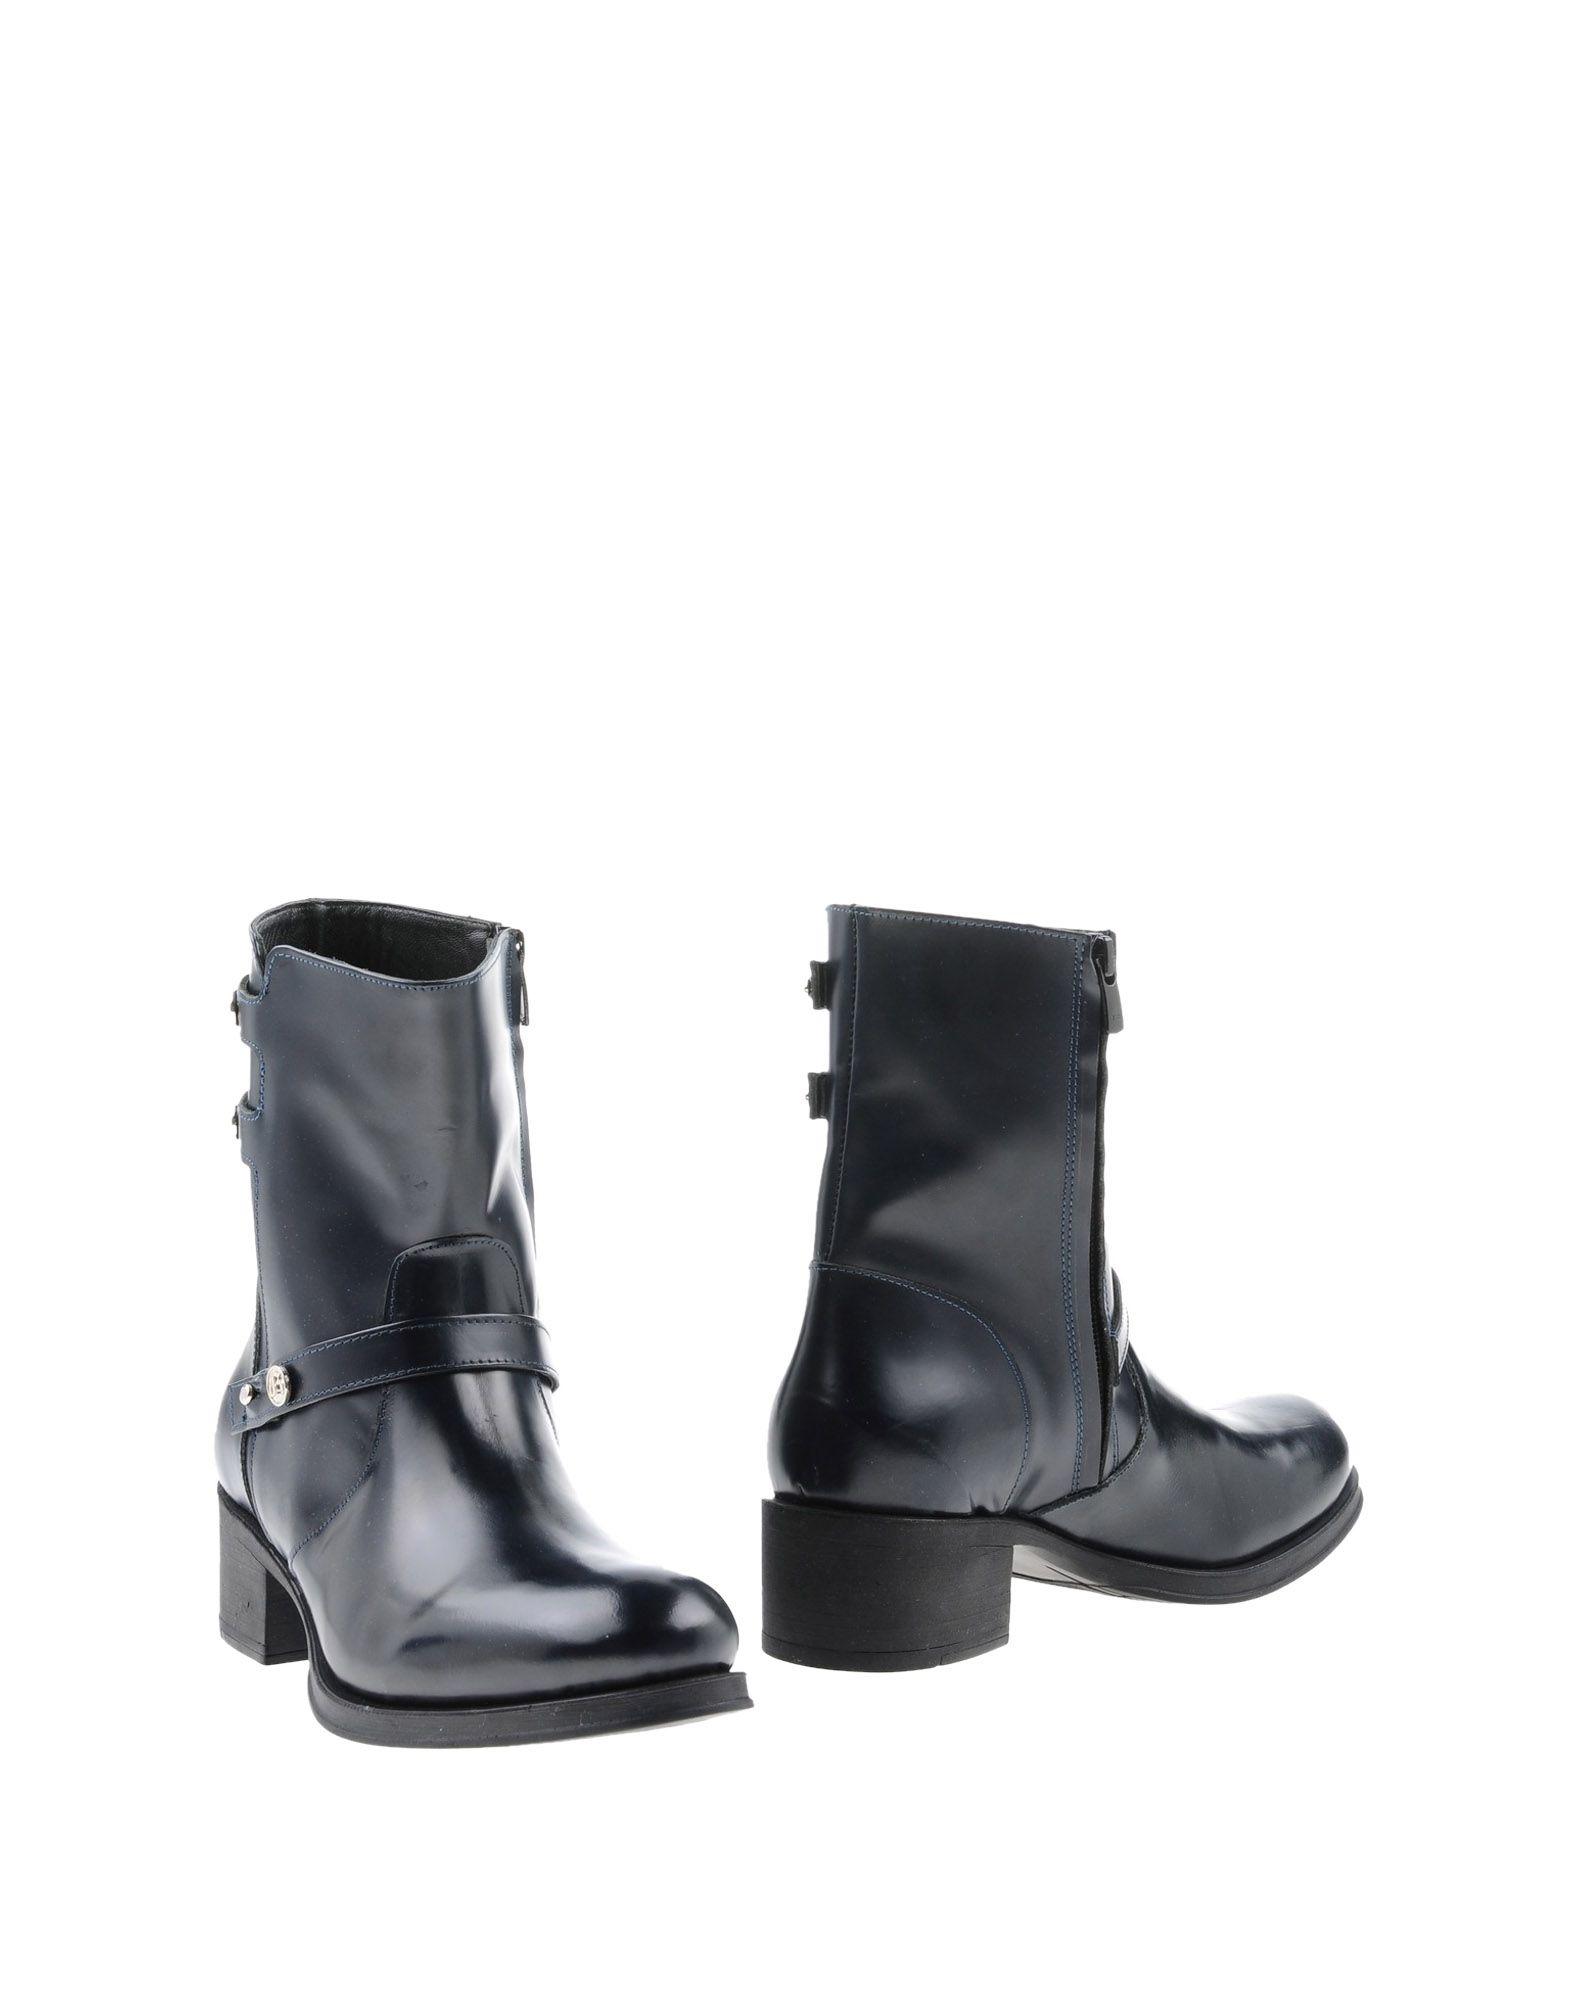 JOHN GALLIANO Полусапоги и высокие ботинки john galliano полусапоги и высокие ботинки